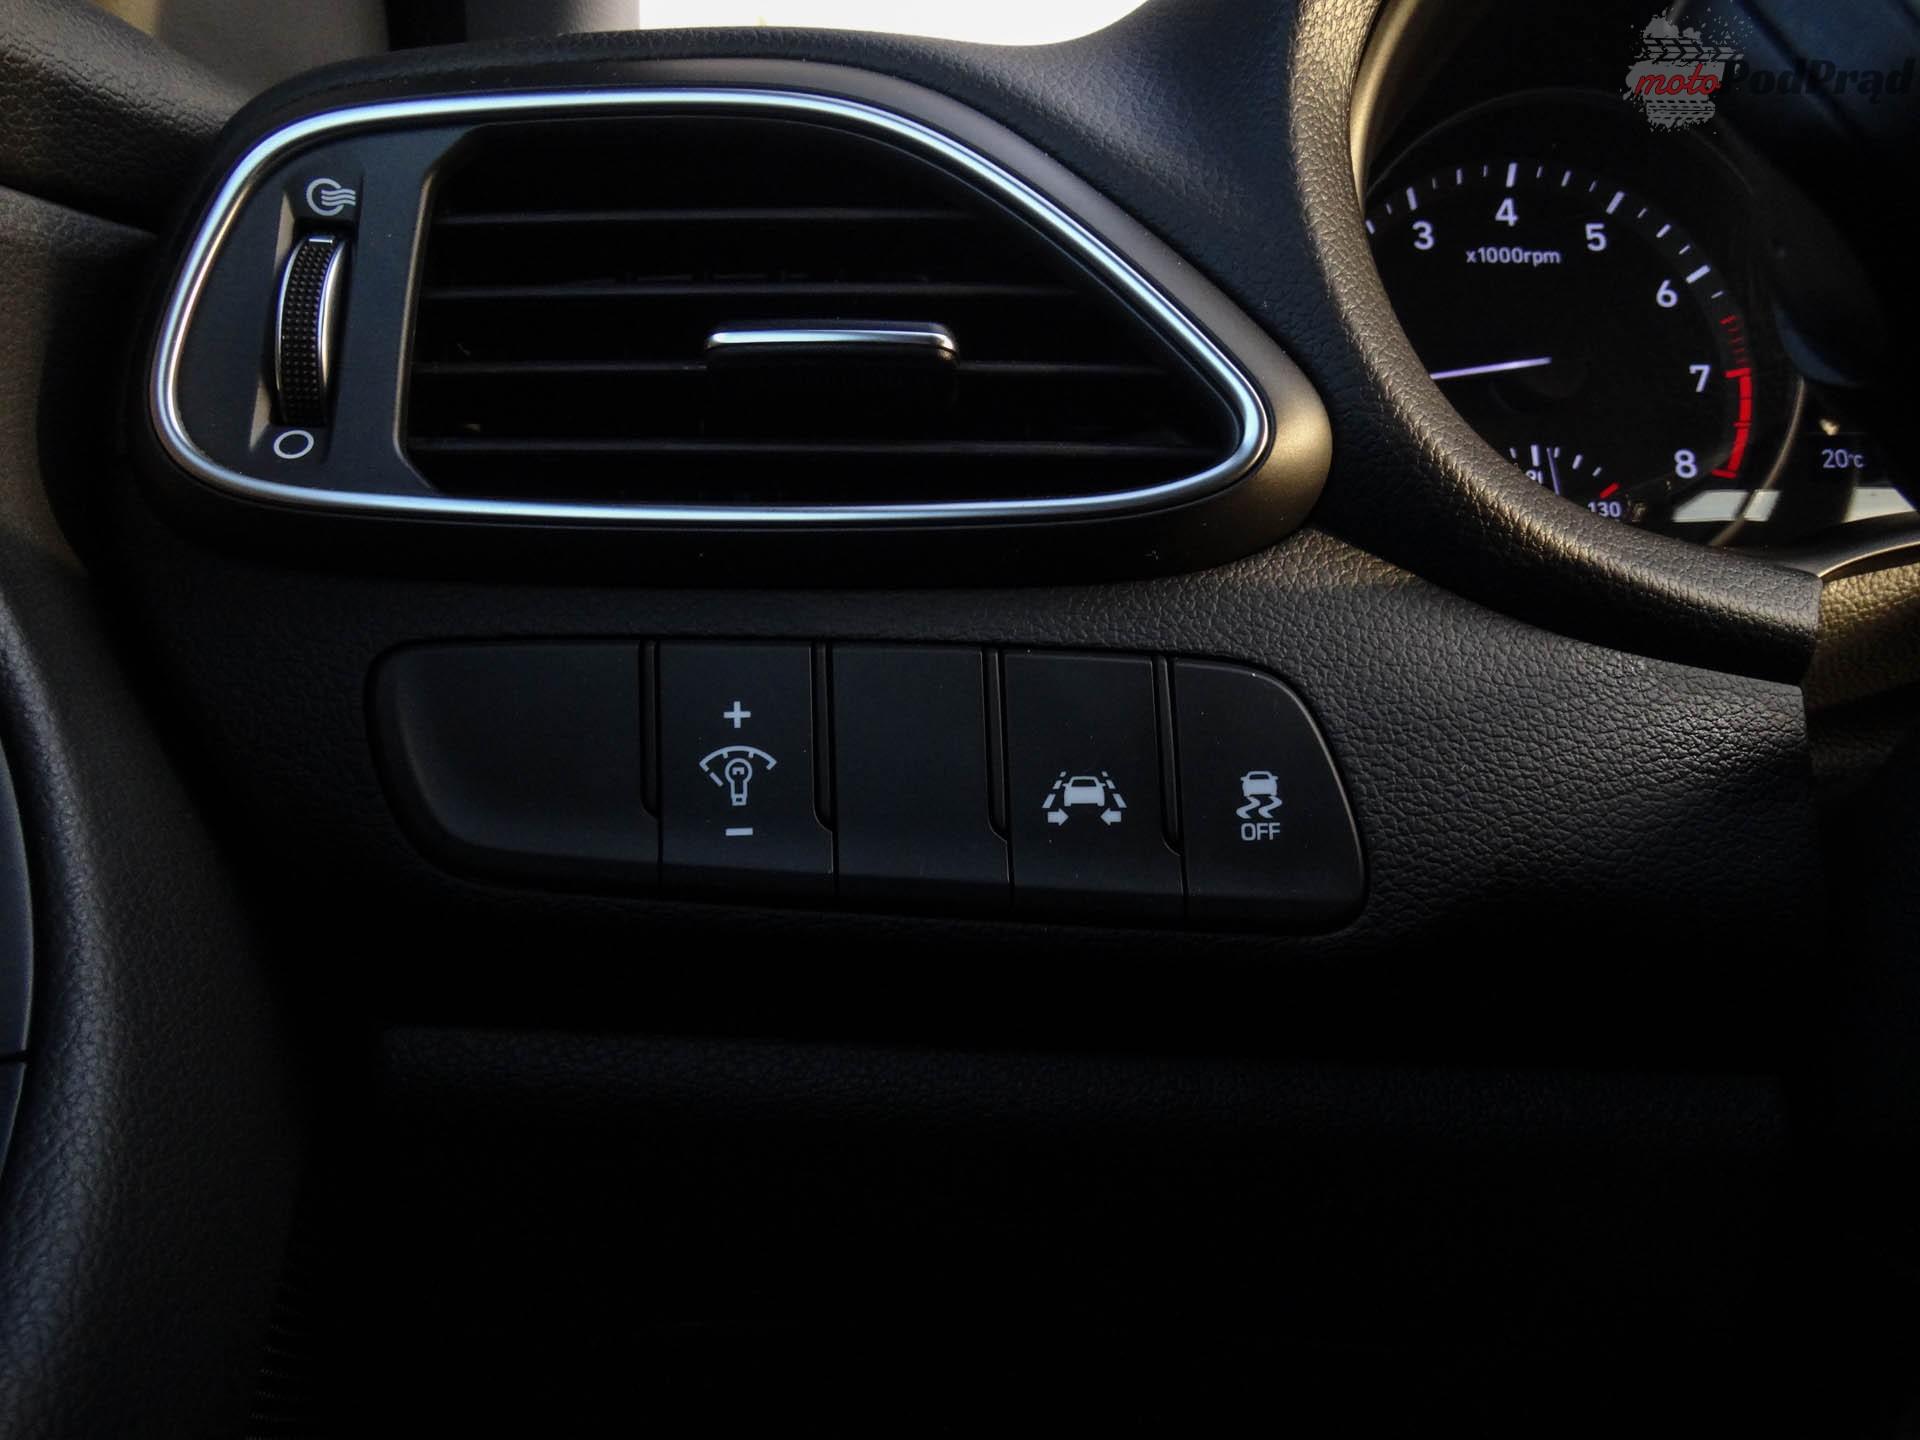 Hyundai i30 fastback 14 Test: Hyundai i30 fastback czyli kolejny krok milowy marki